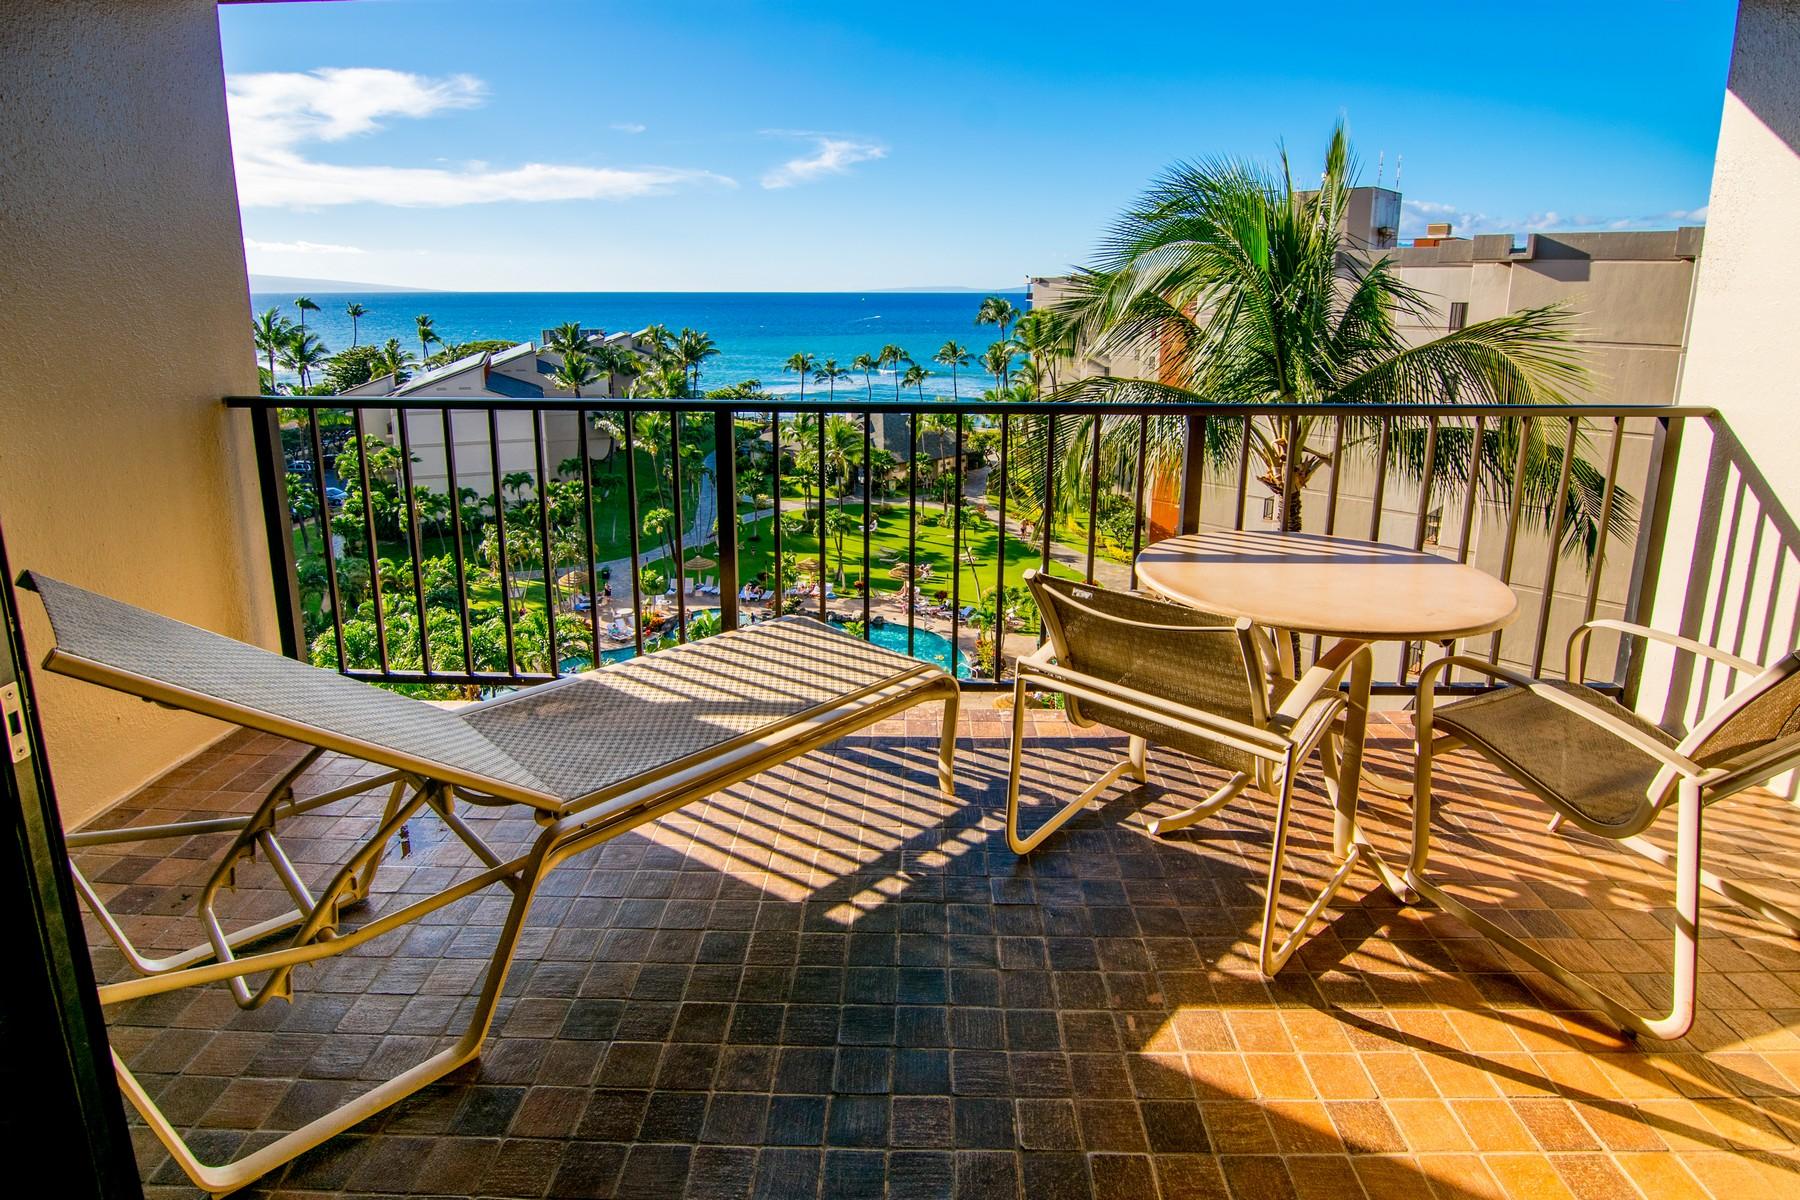 شقة بعمارة للـ Sale في Penthouse Two Bedroom Condo With Sweeping Ocean Views 3445 Lower Honoapiilani Road, Kaanapali Shores 927, Kaanapali, Hawaii, 96761 United States